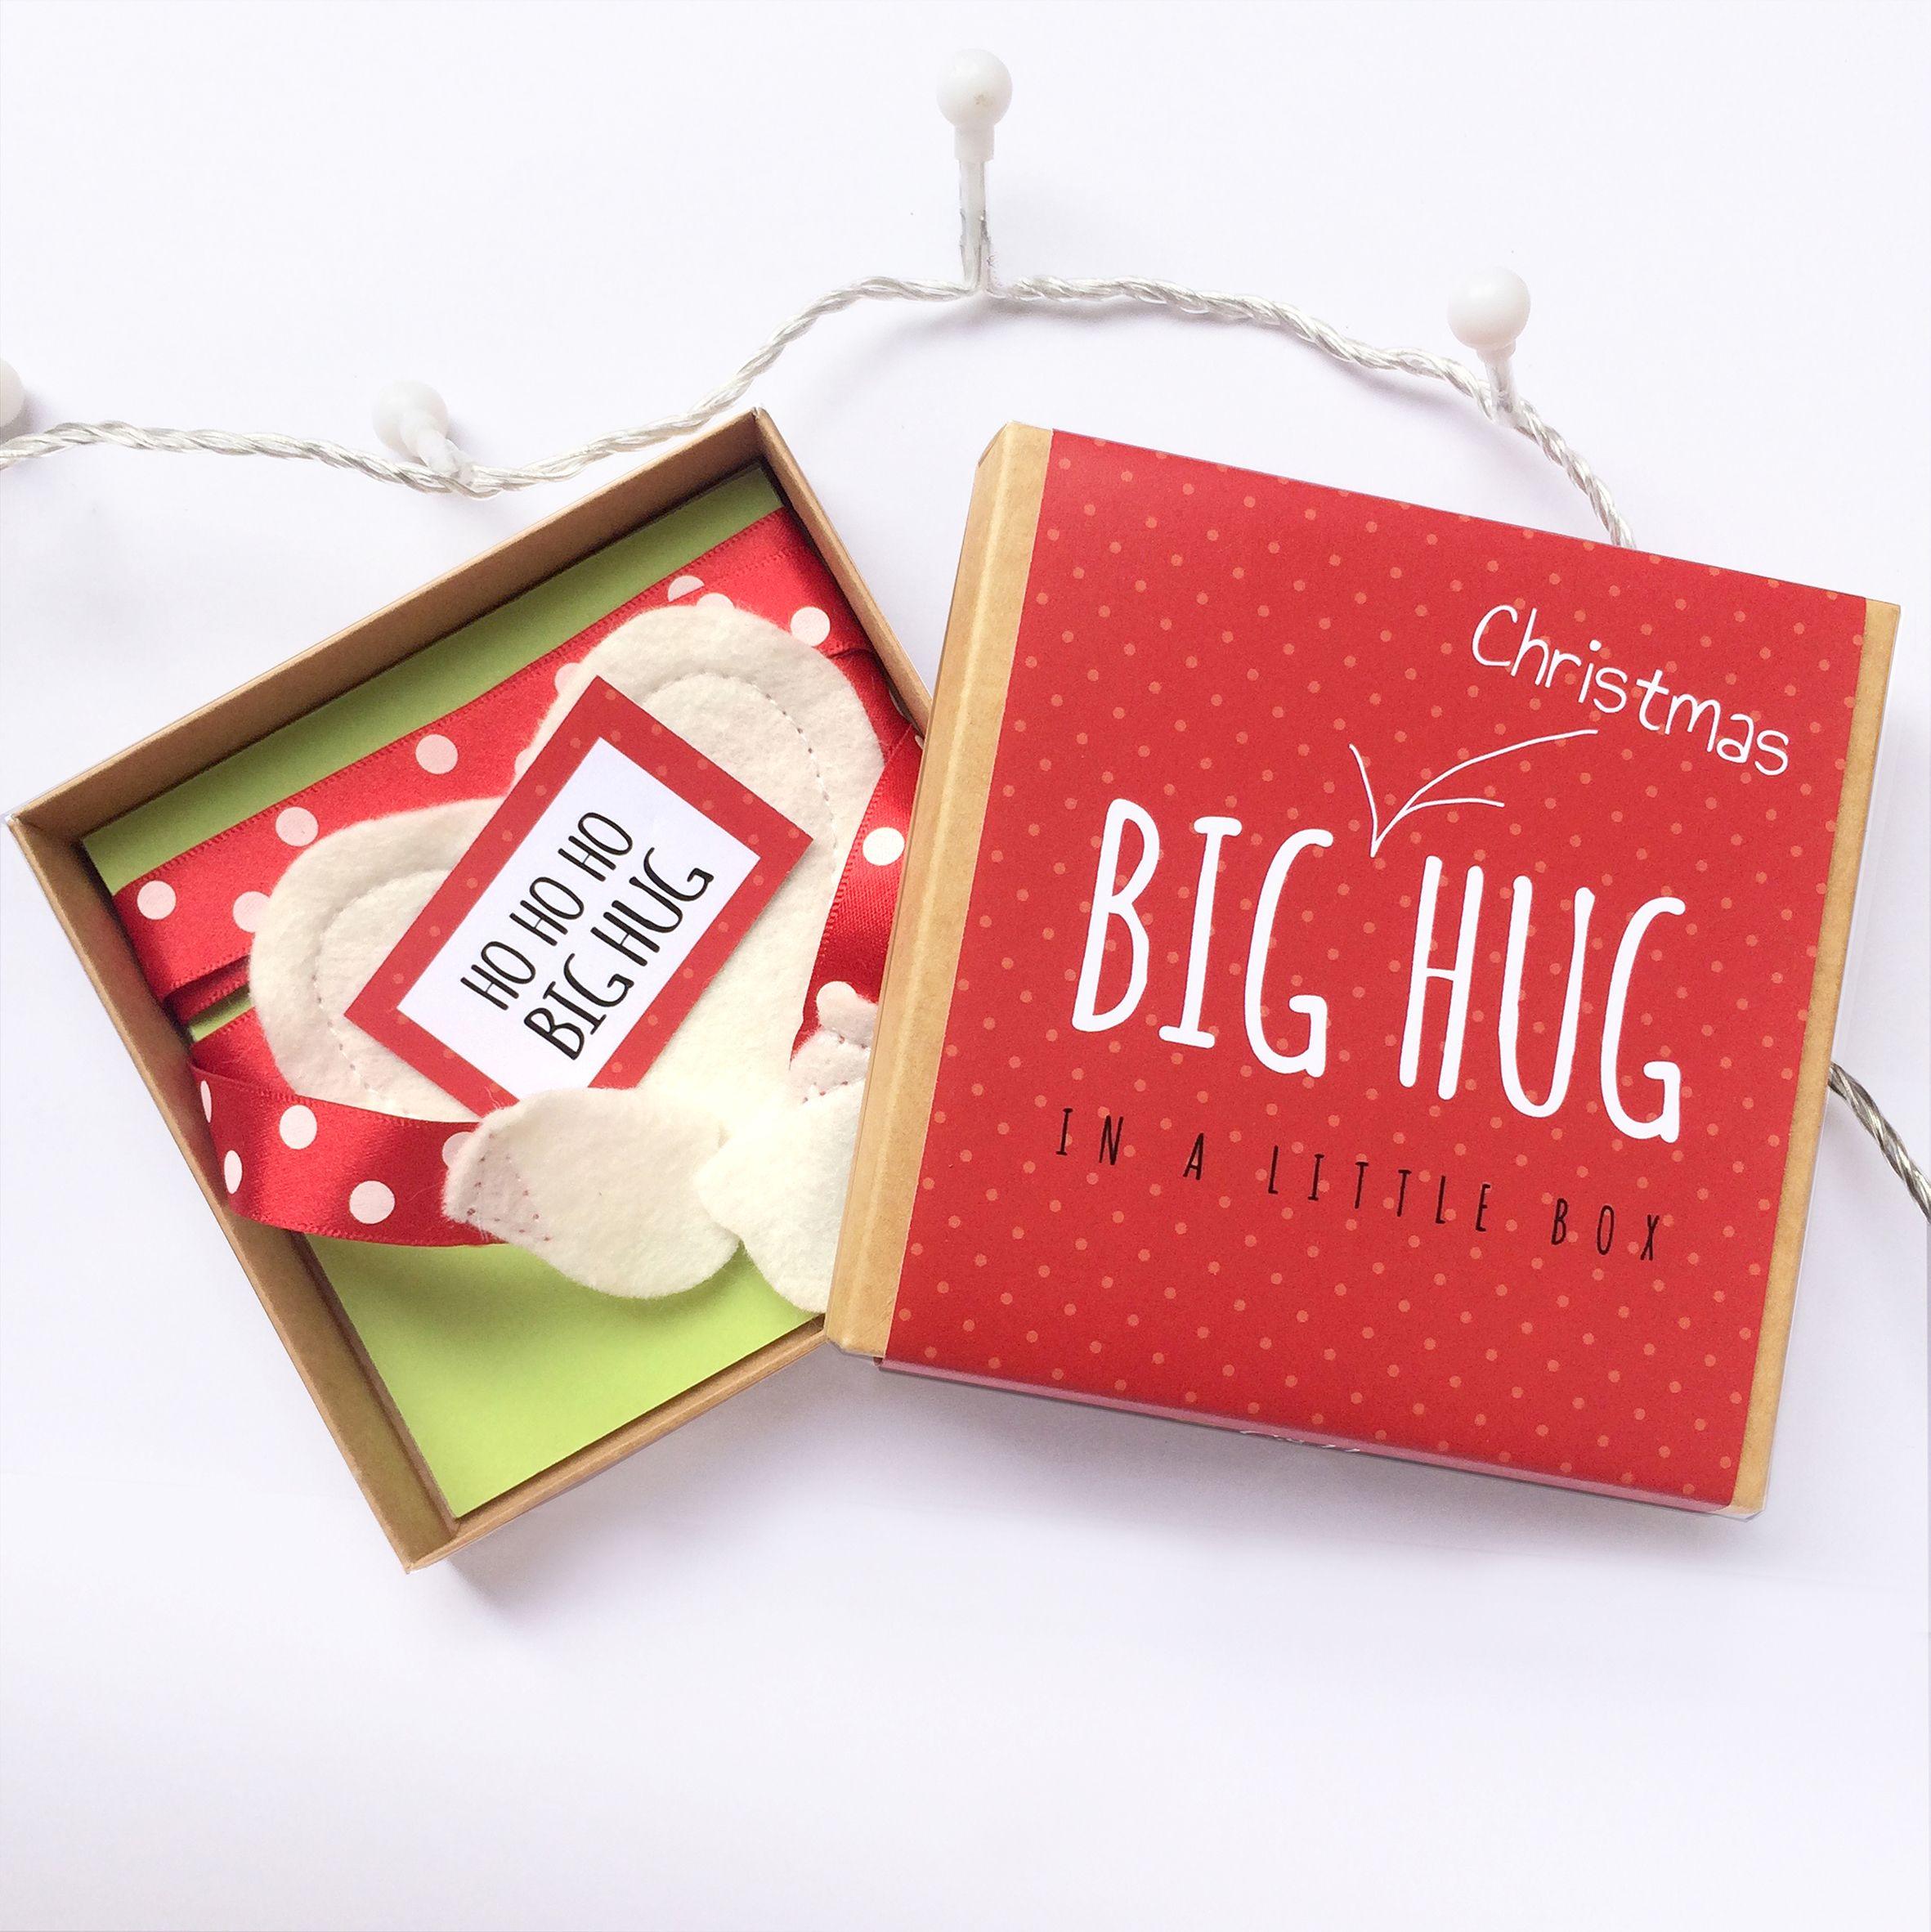 Christmas-big-hug-for-web.jpg (2362×2363) | christmas cards ...